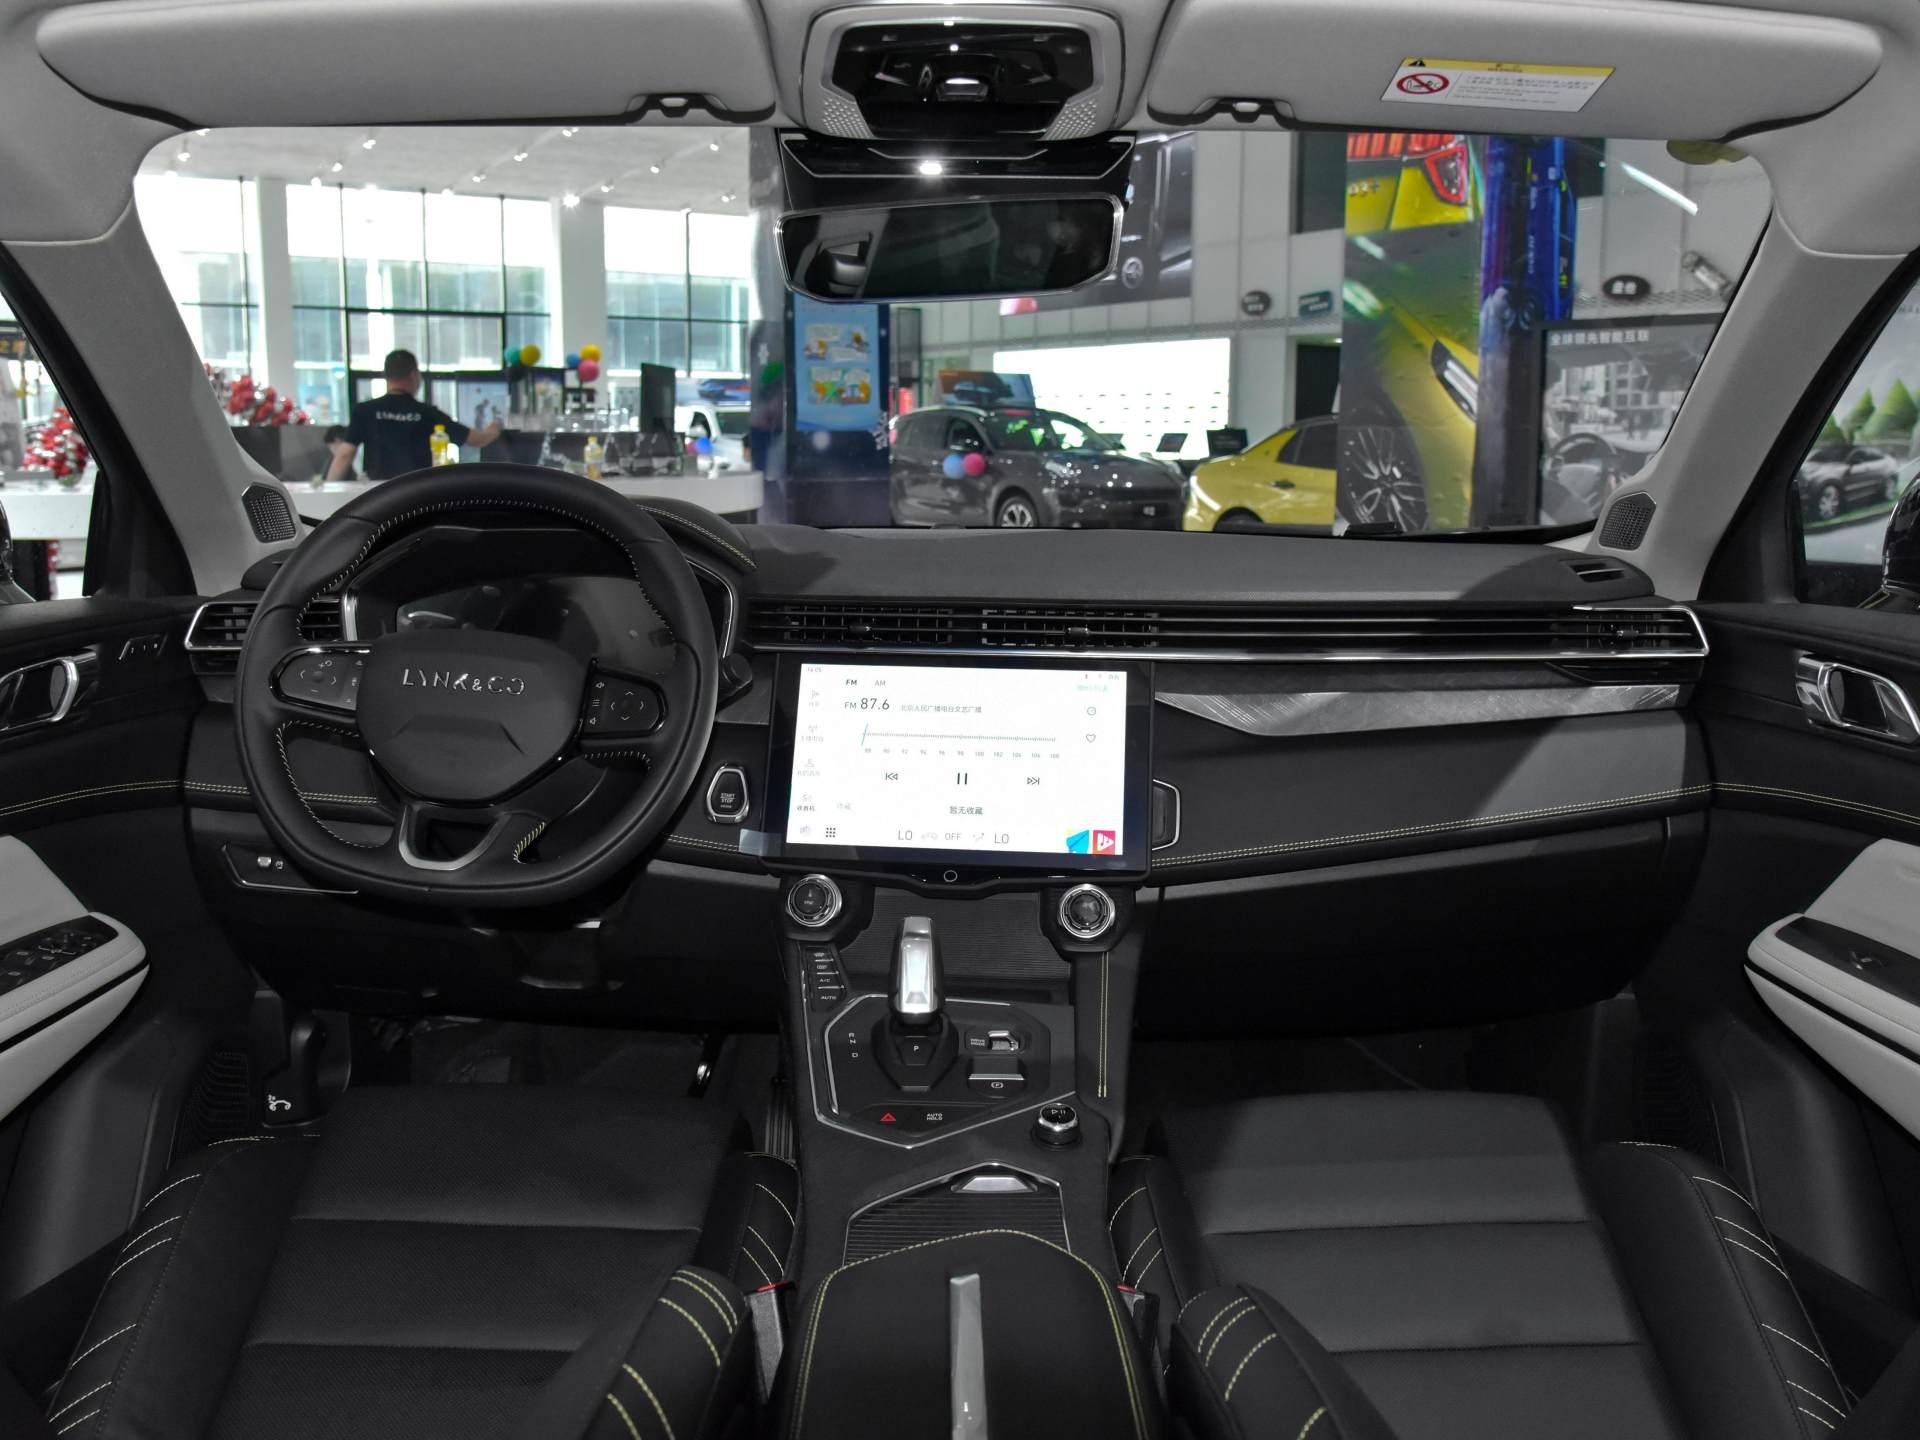 這臺中國車成功瞭,2.0T動力不輸CRV,空間不輸途嶽,油耗也不高-圖5